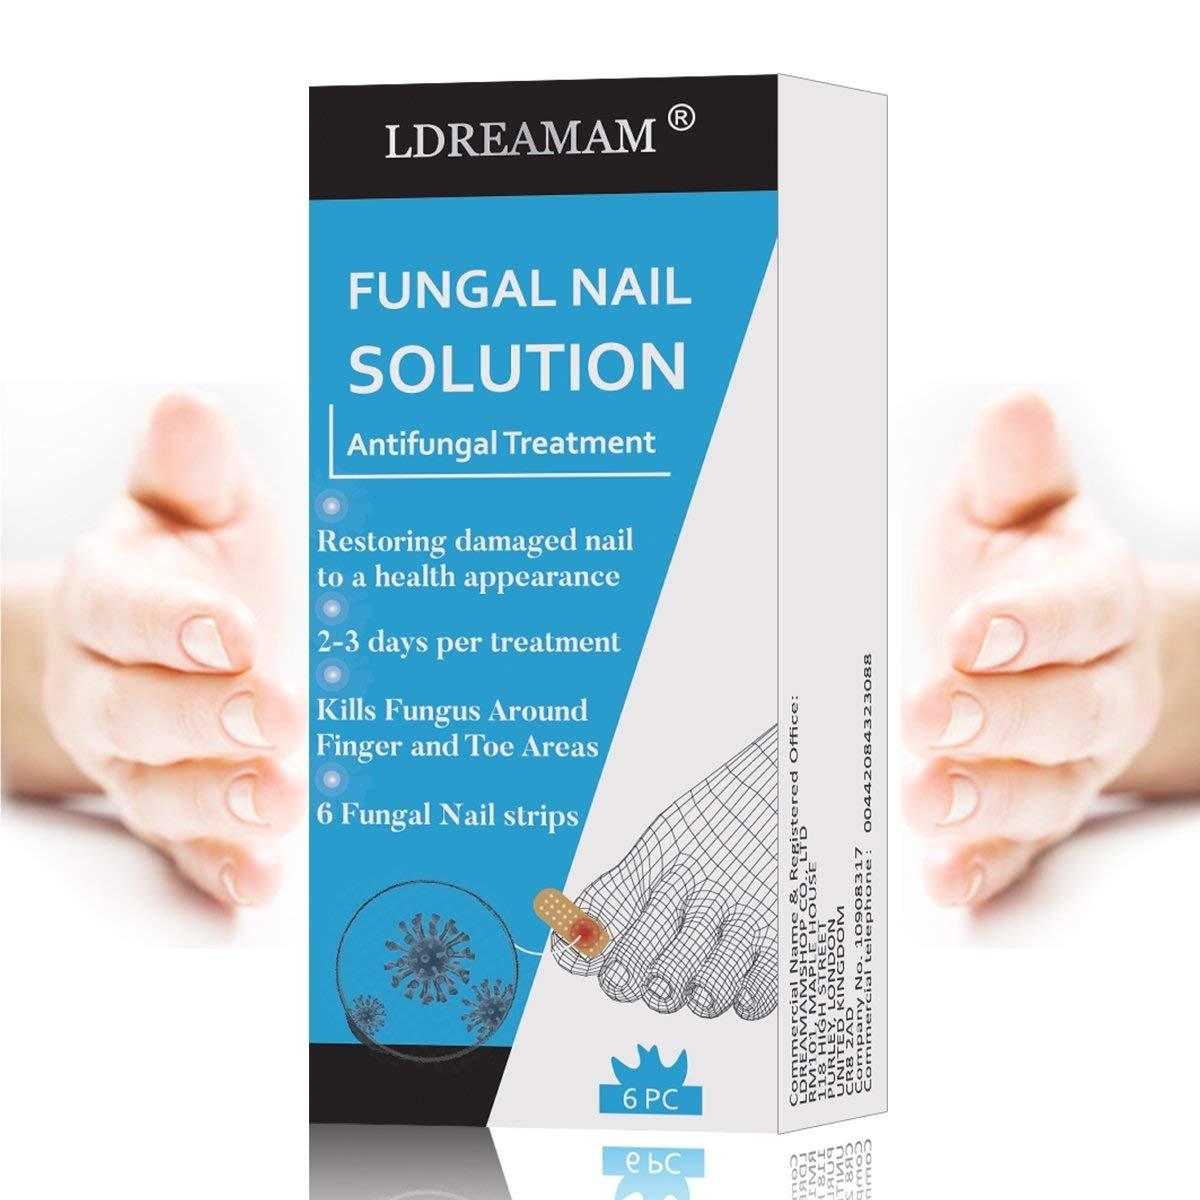 Nail Fungus,Antifungal Nail Treatment,Toenail Fungus Treatment,Antifungal Nail Gel,Removal of Fingernail and Toenail Fungus by LDREAMAM (Image #6)